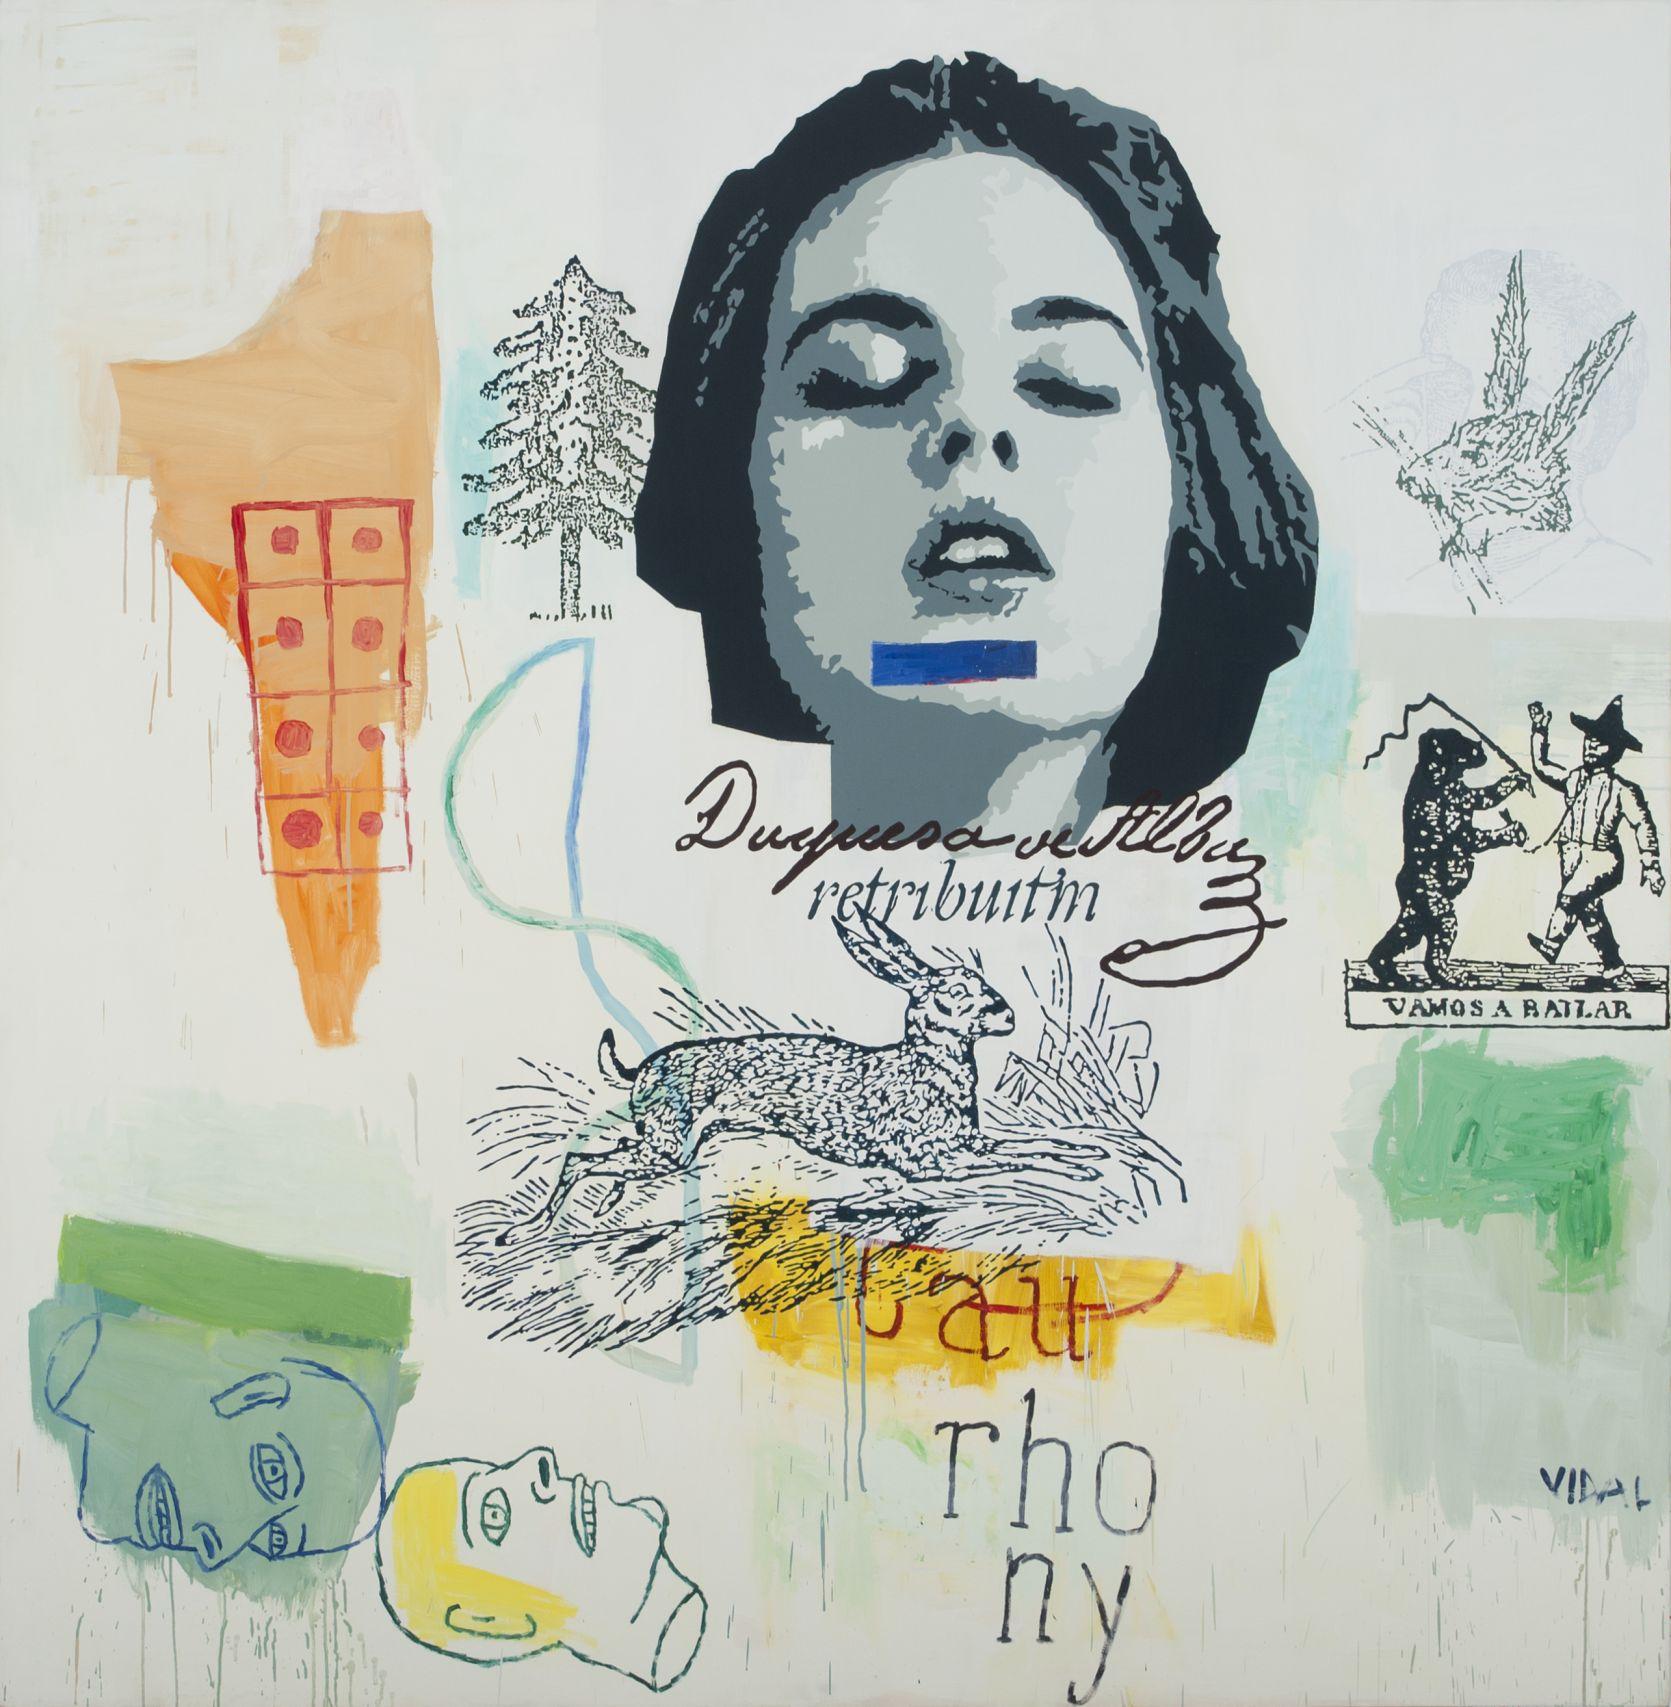 La otra orilla (2013) - Carlos Vidal